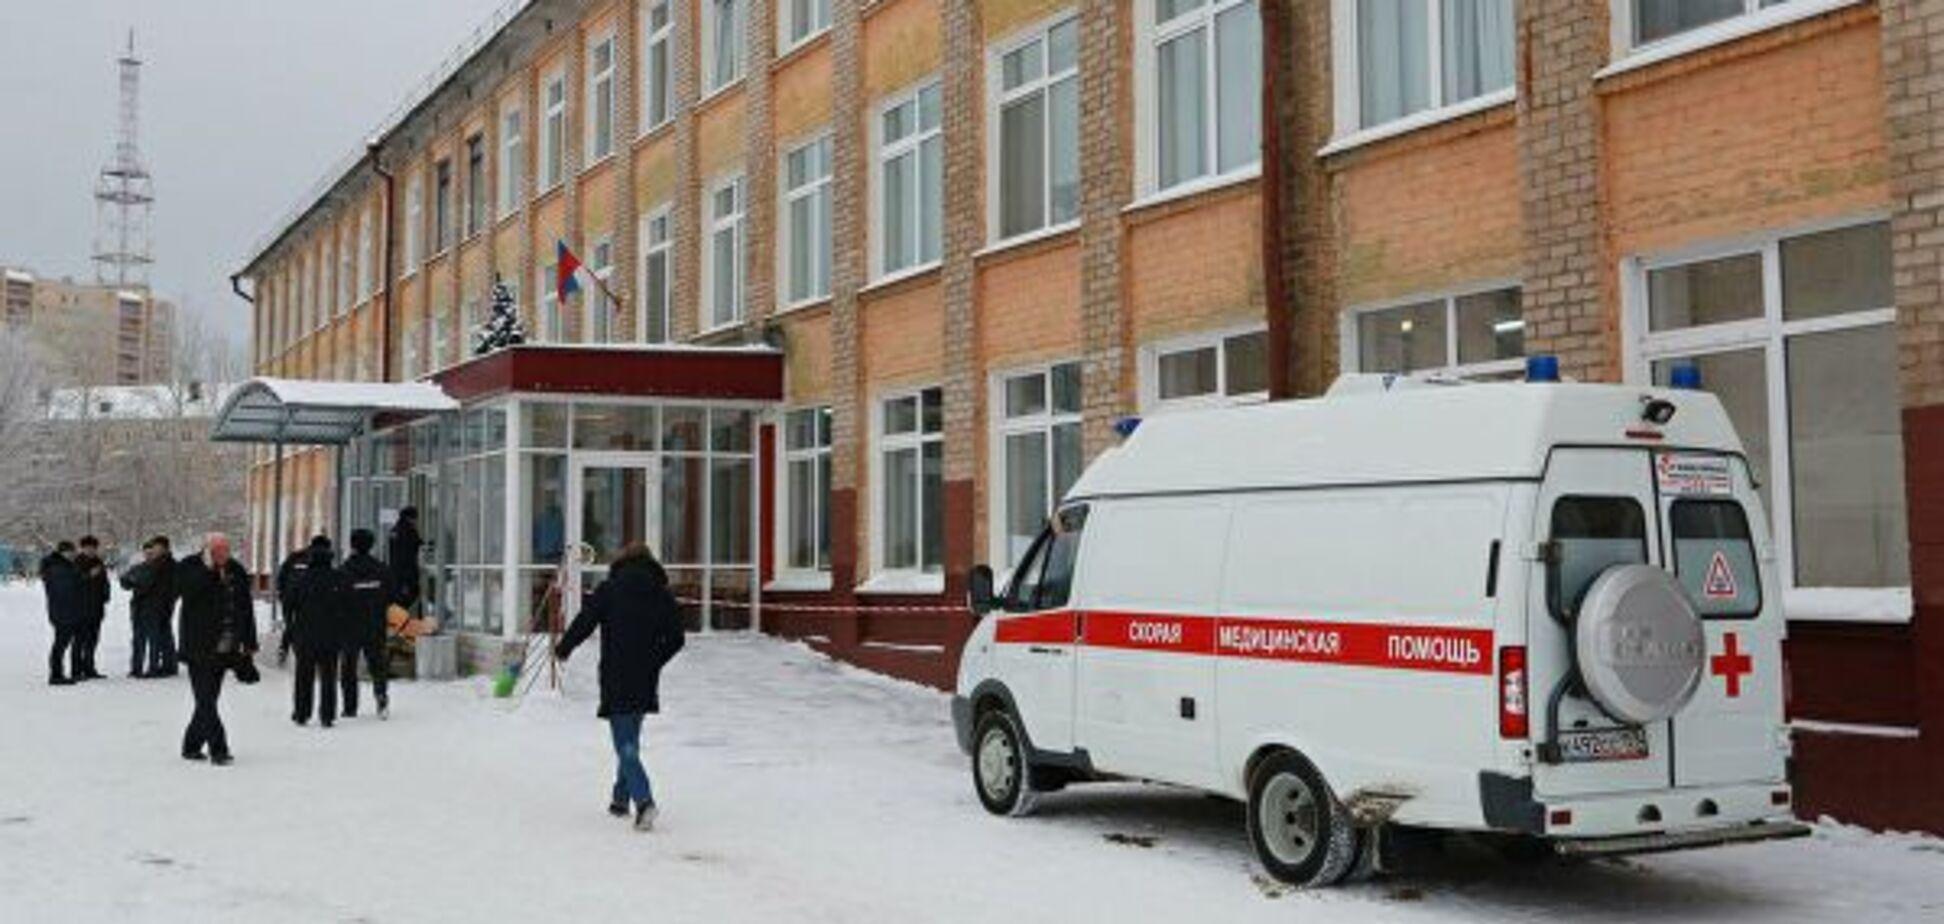 Оставили одну в классе: в российской школе девочка провалилась под пол